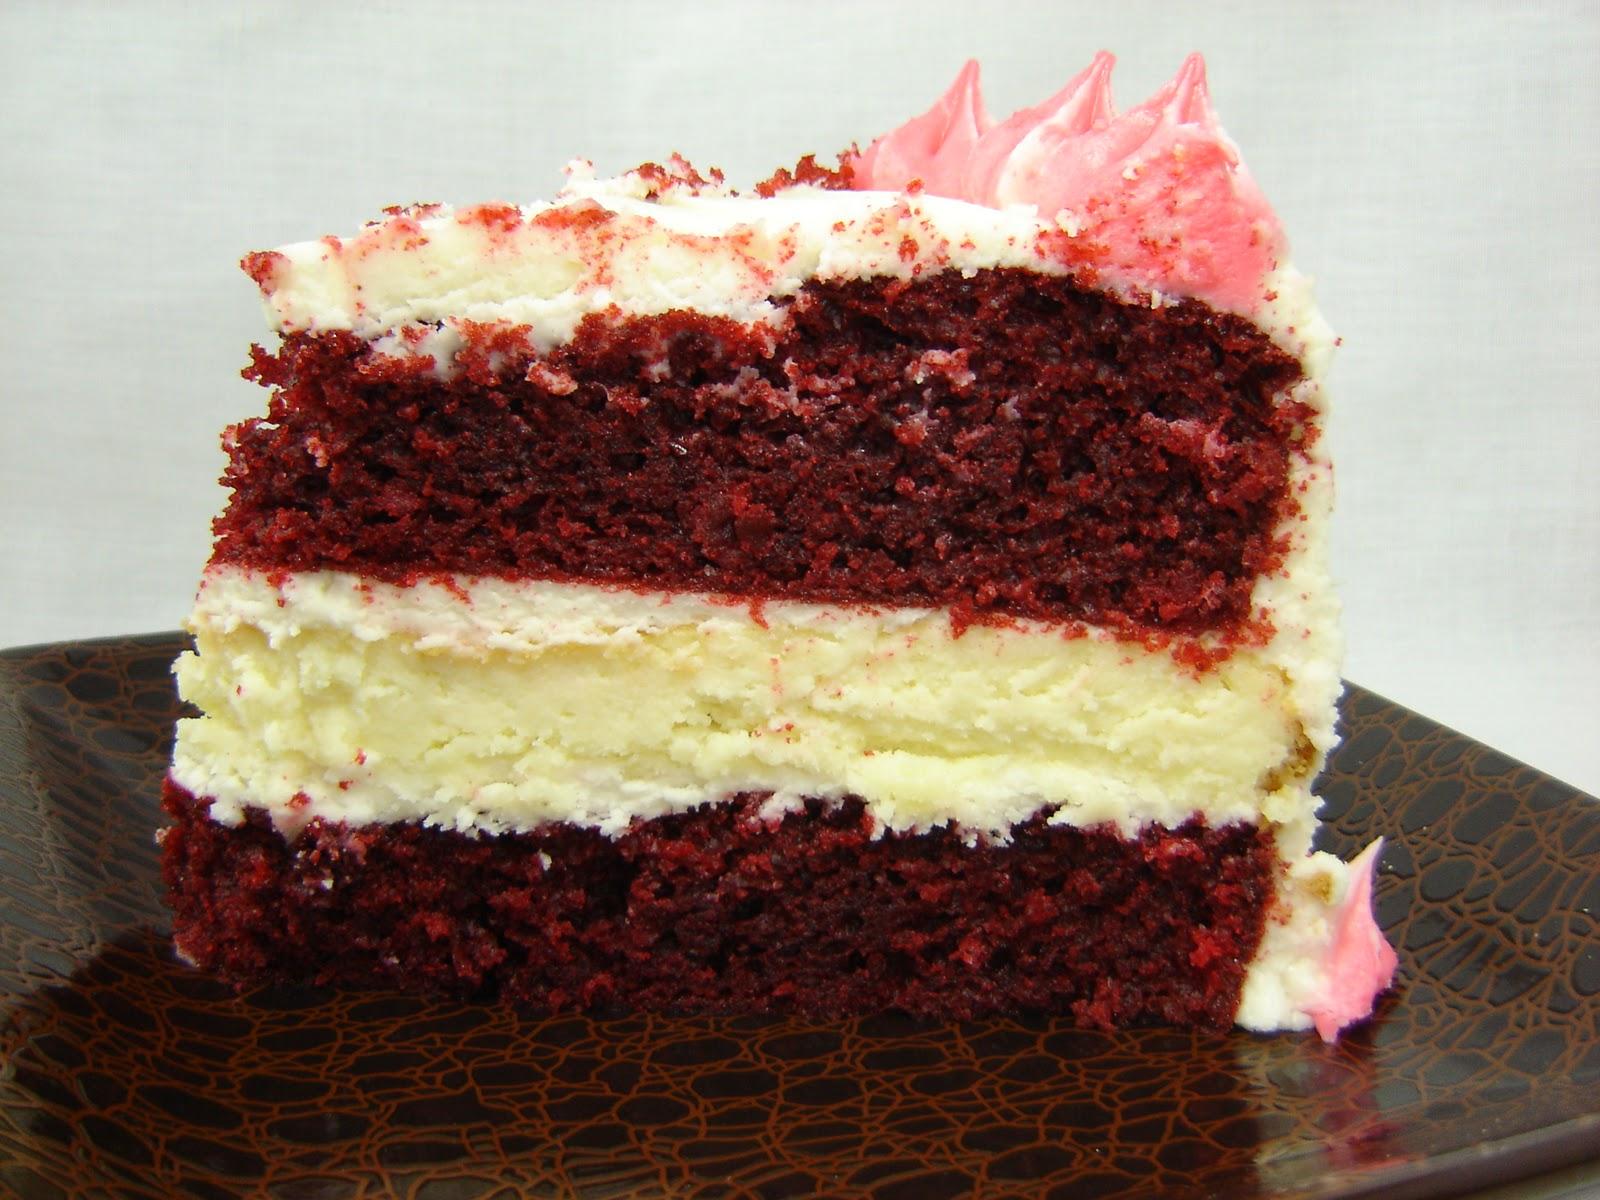 Eat Cake For Dinner: RED VELVET CHEESECAKE CAKE